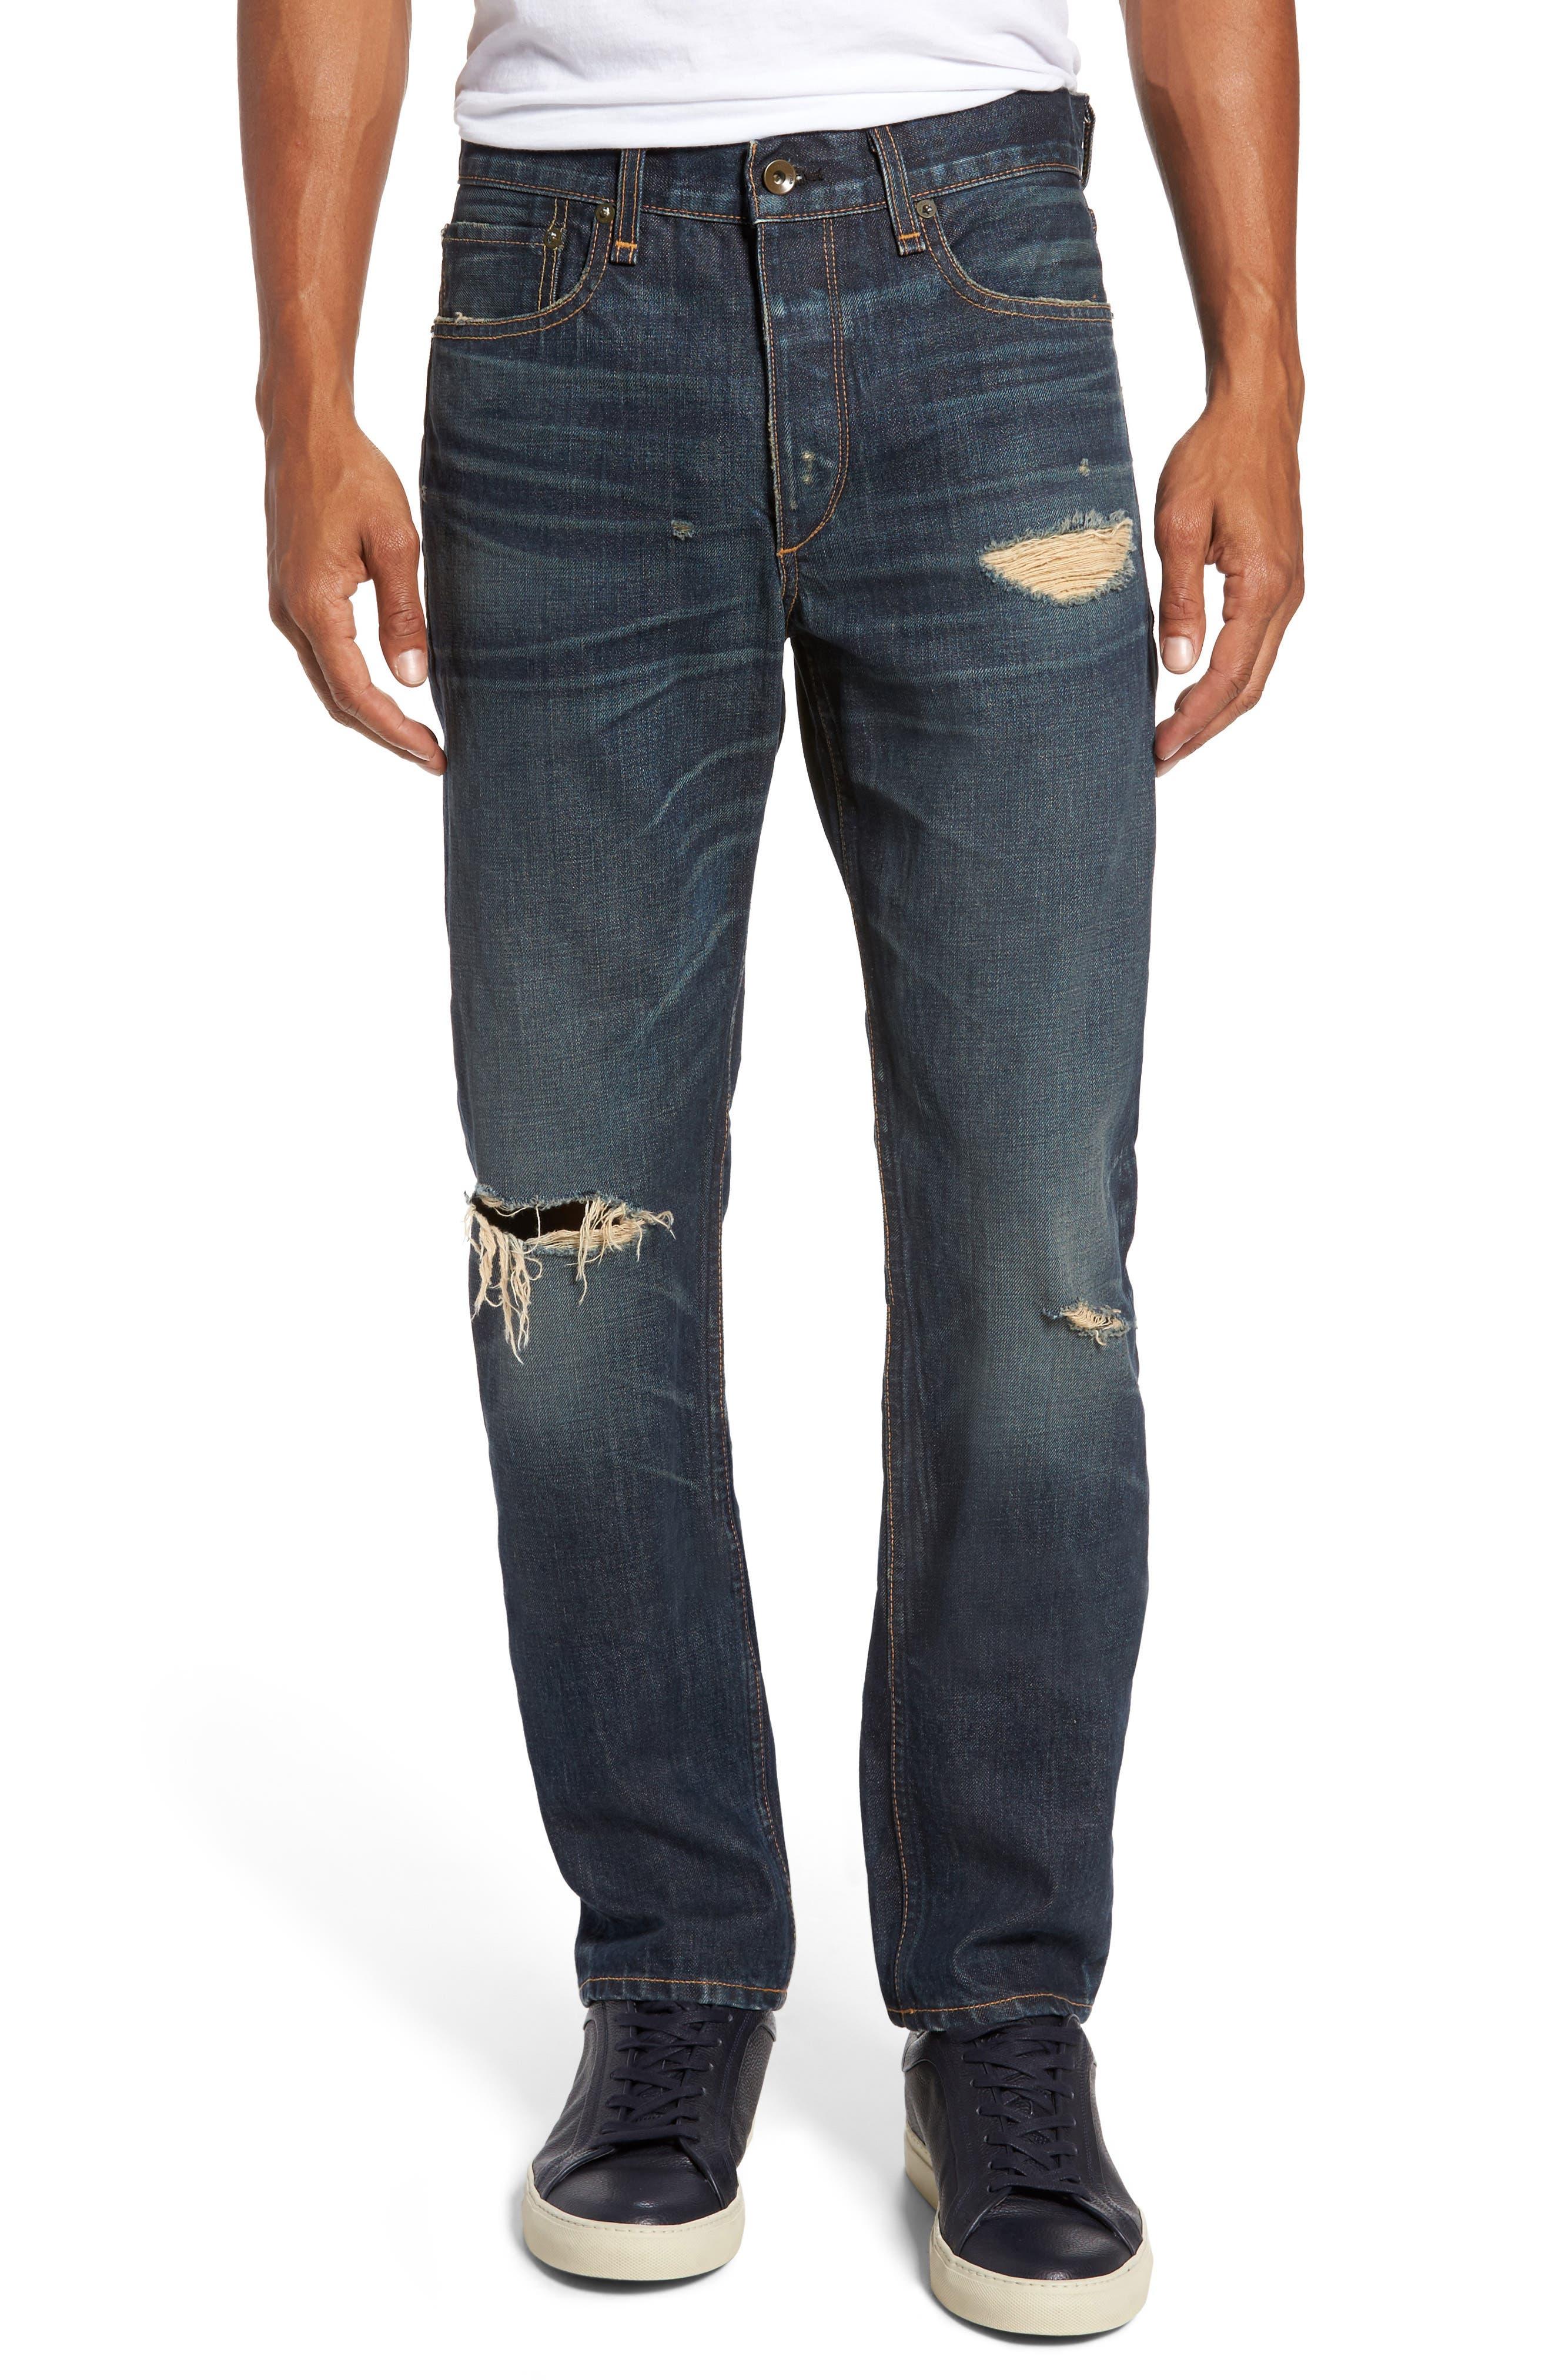 Fit 2 Slim Fit Jeans,                             Main thumbnail 1, color,                             423